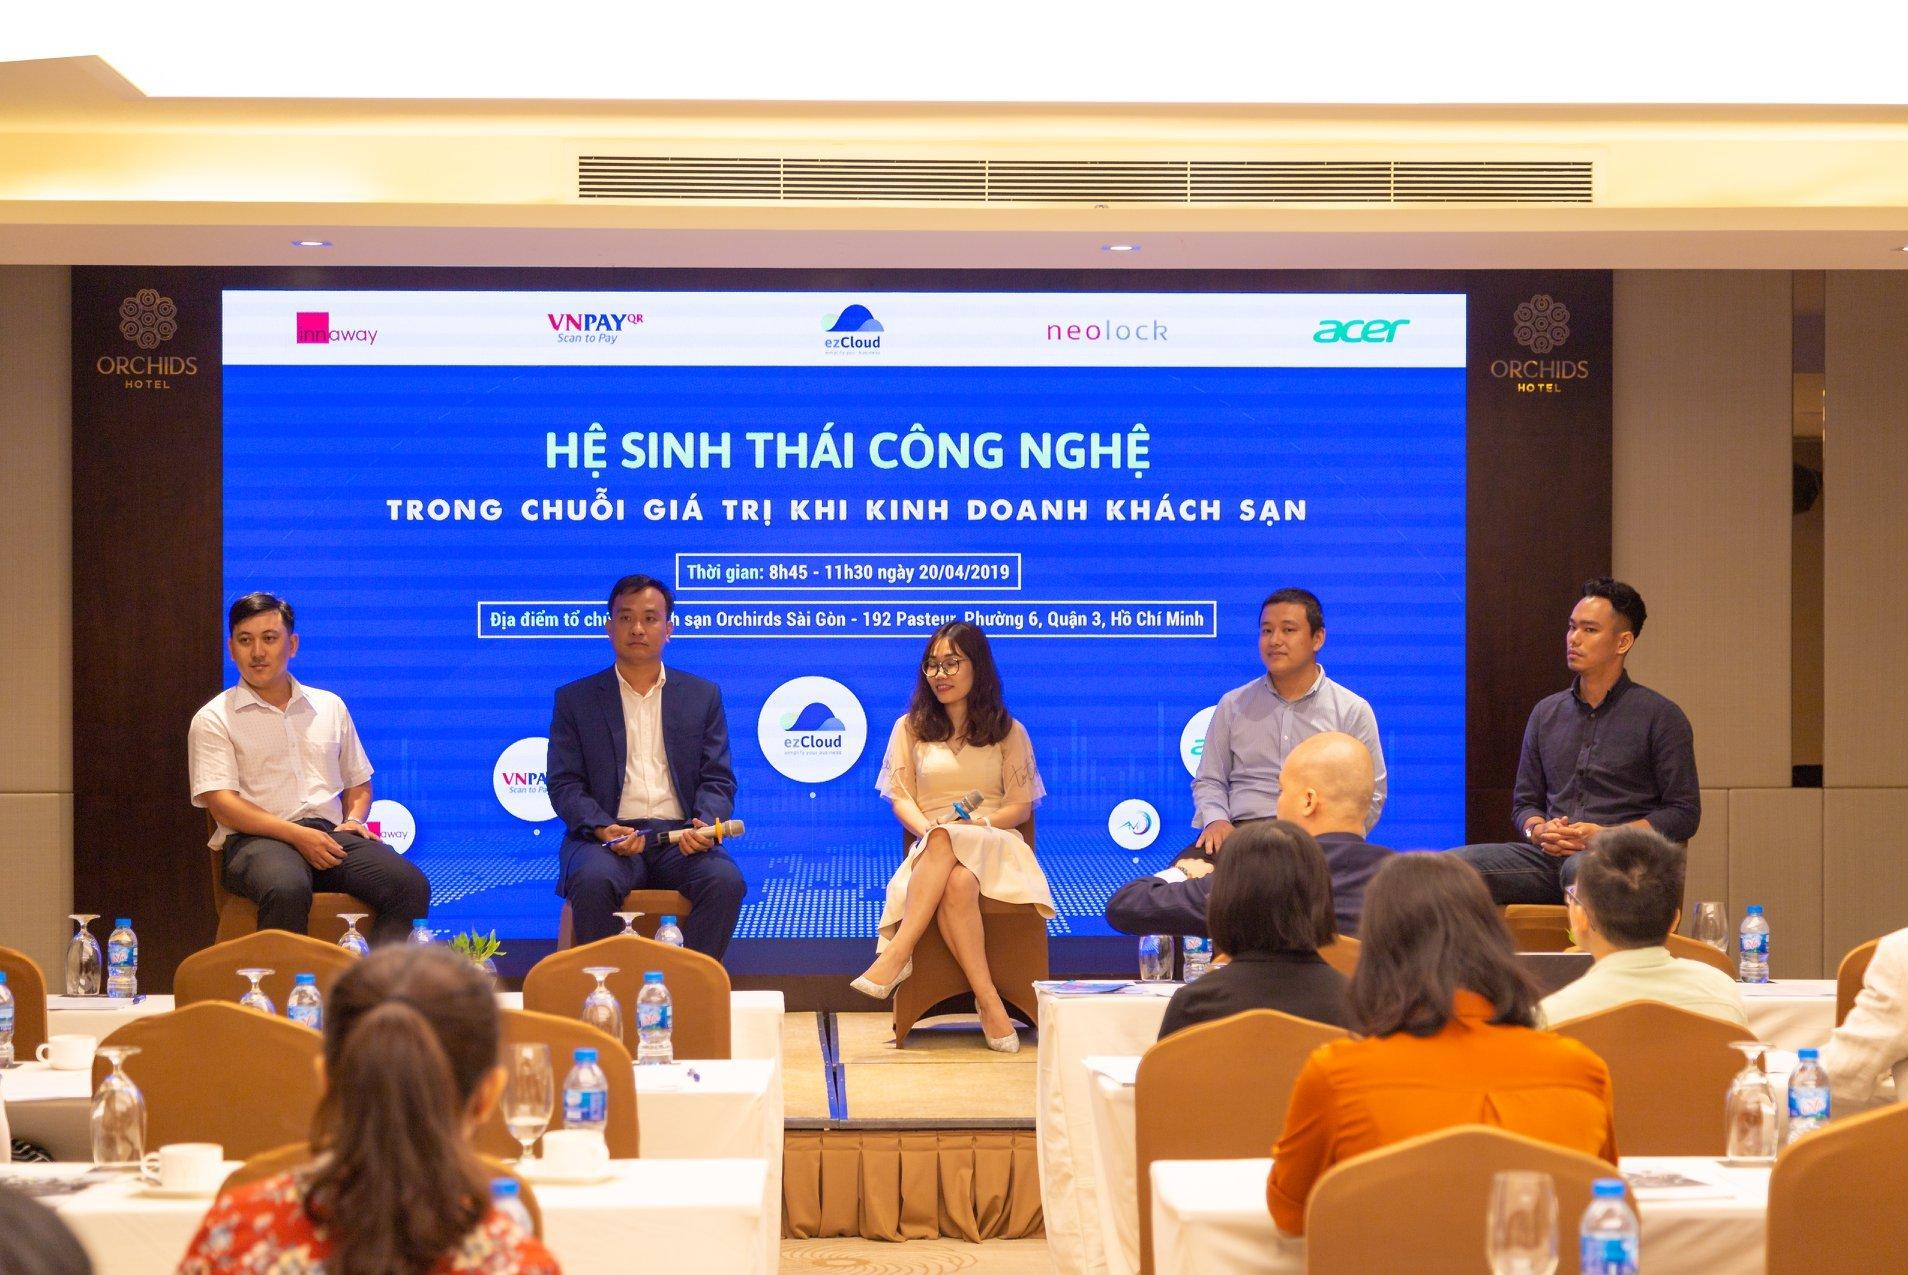 """Tặng tài liệu workshop Sài Gòn: """"Hệ sinh thái công nghệ trong chuỗi giá trị khi kinh doanh khách sạn"""""""